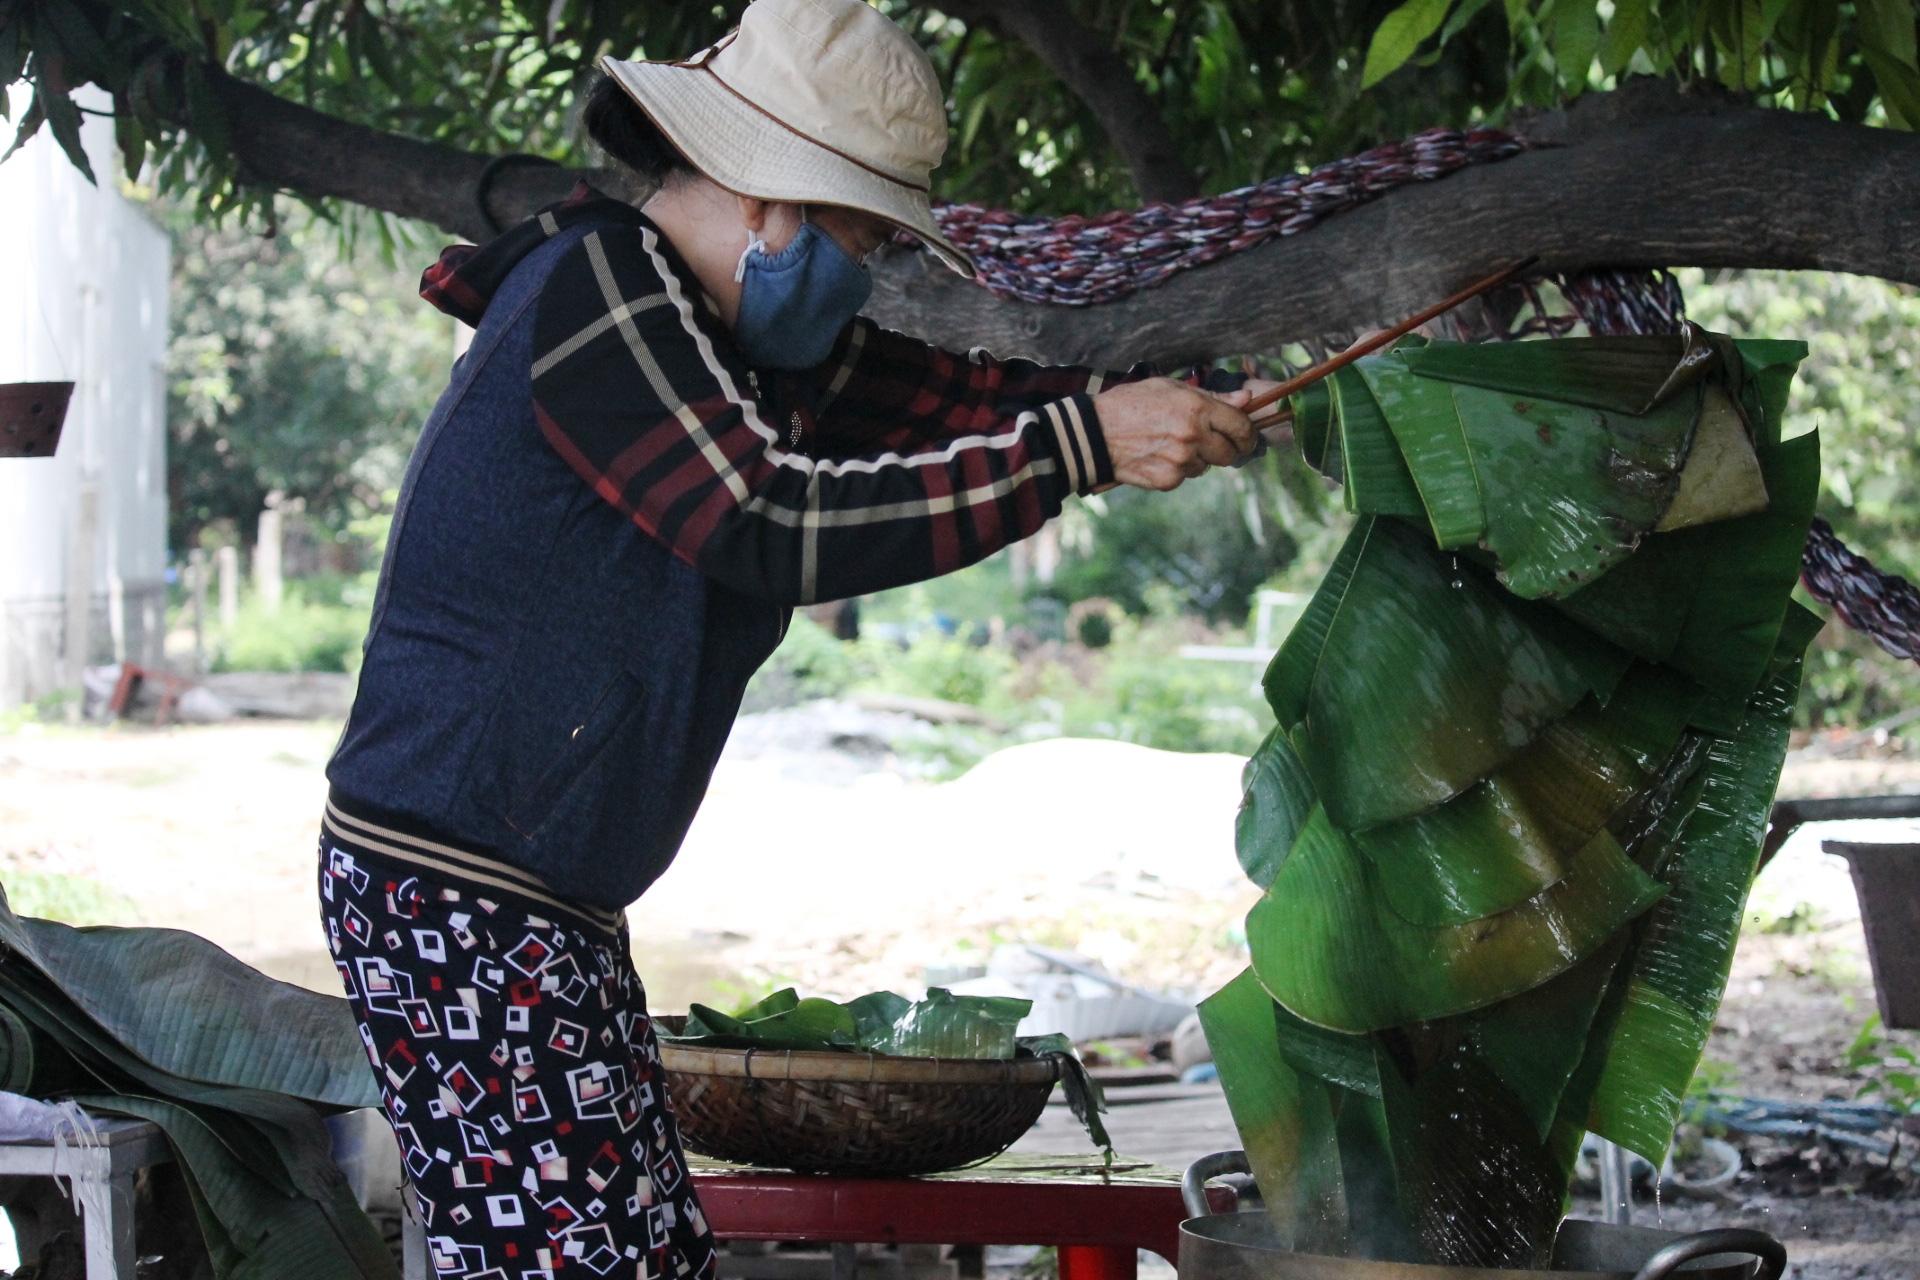 Người dân Khánh Hòa gói hàng ngàn chiếc bánh chưng, bánh tét hỗ trợ đồng bào miền Trung - Ảnh 2.